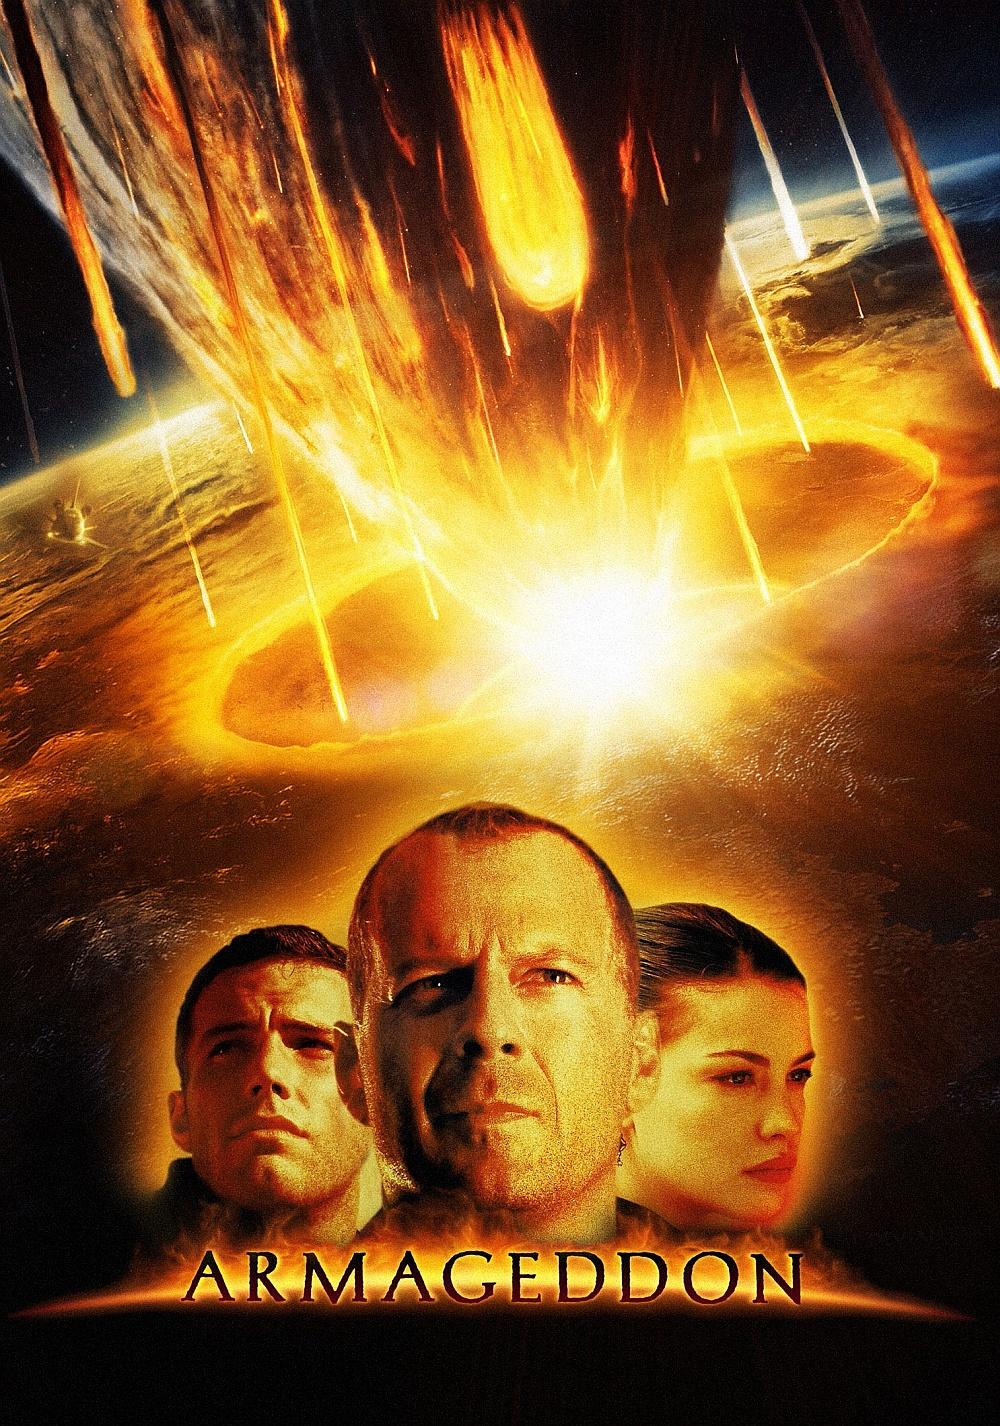 Armageddon | Movie fanart | fanart.tv